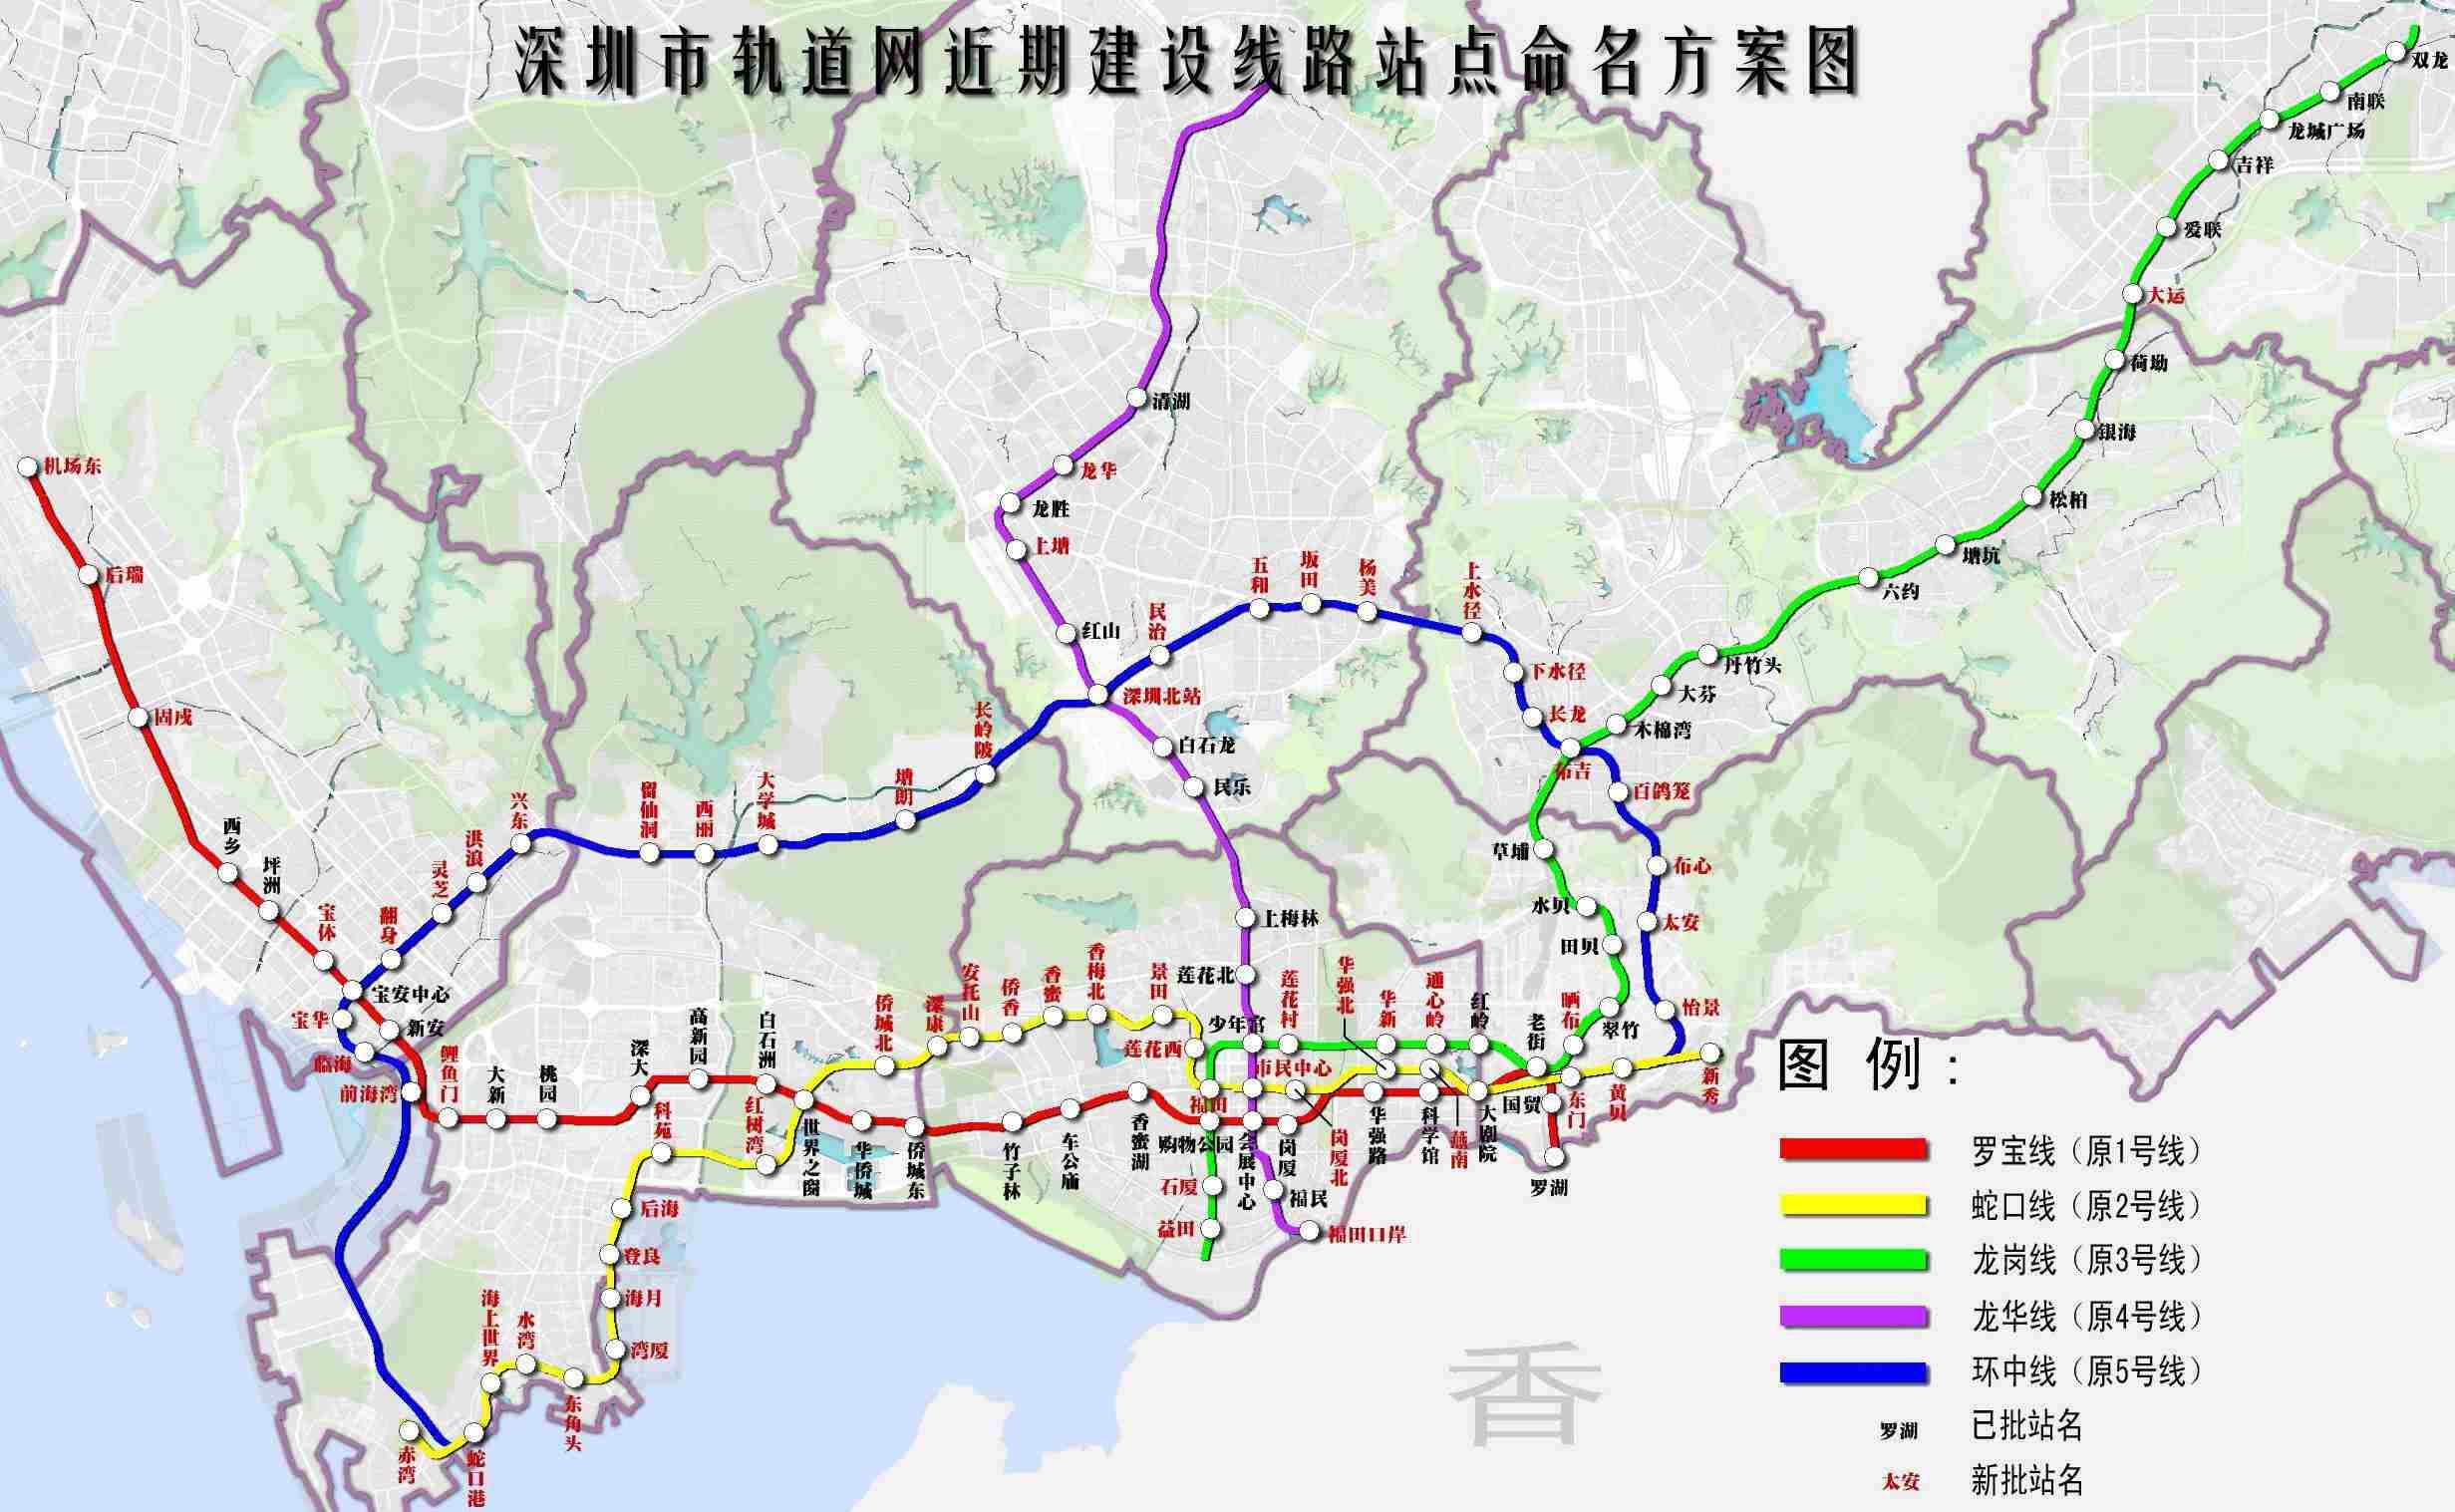 深圳地铁规划线路图高清图片